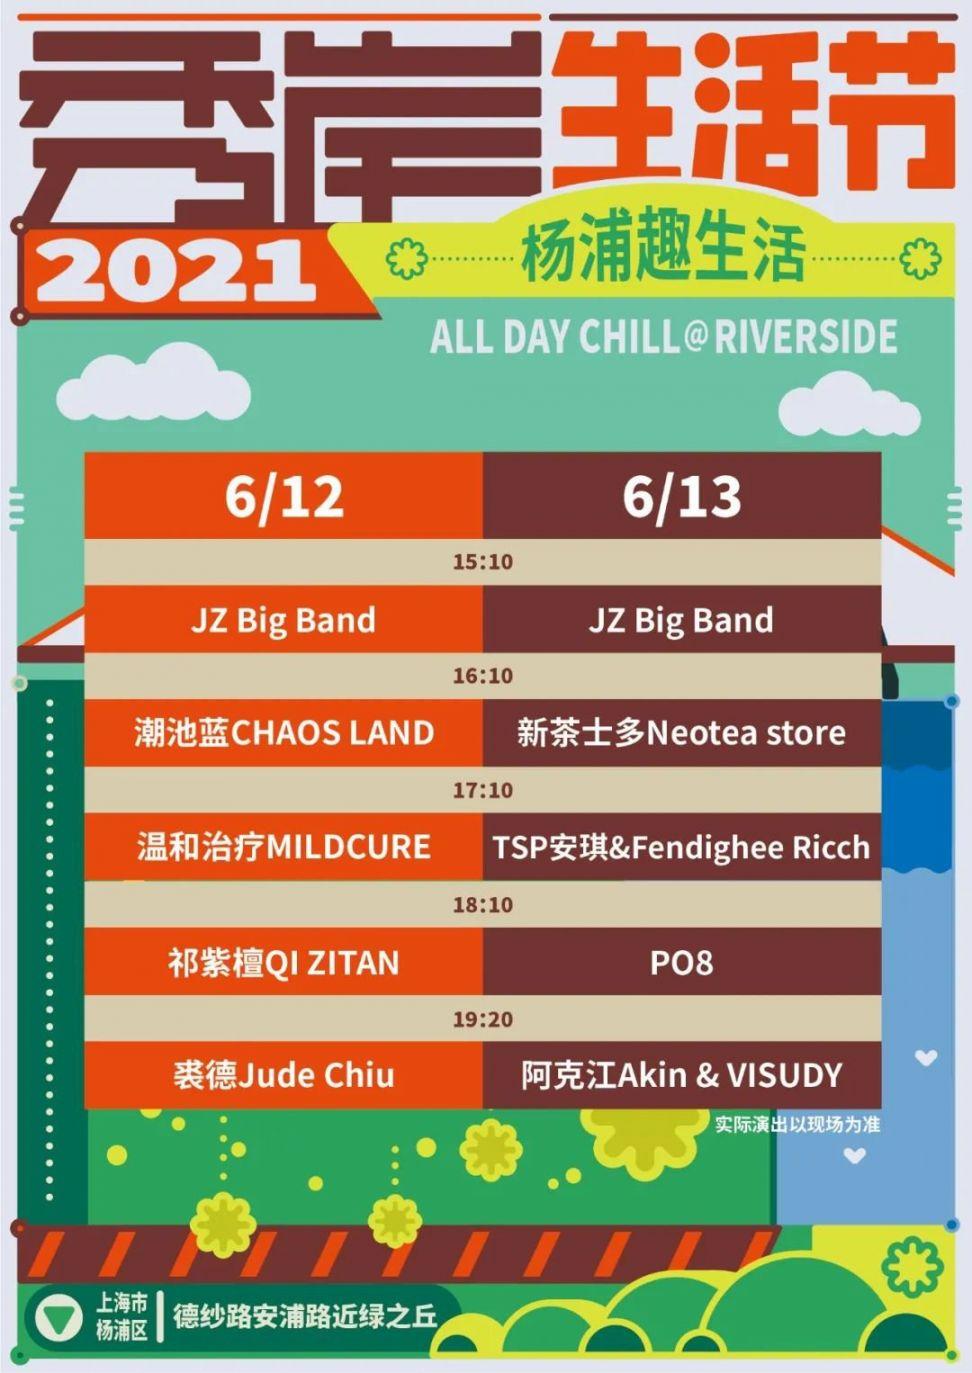 2021秀岸生活节嘉宾阵容名单+演出时间表